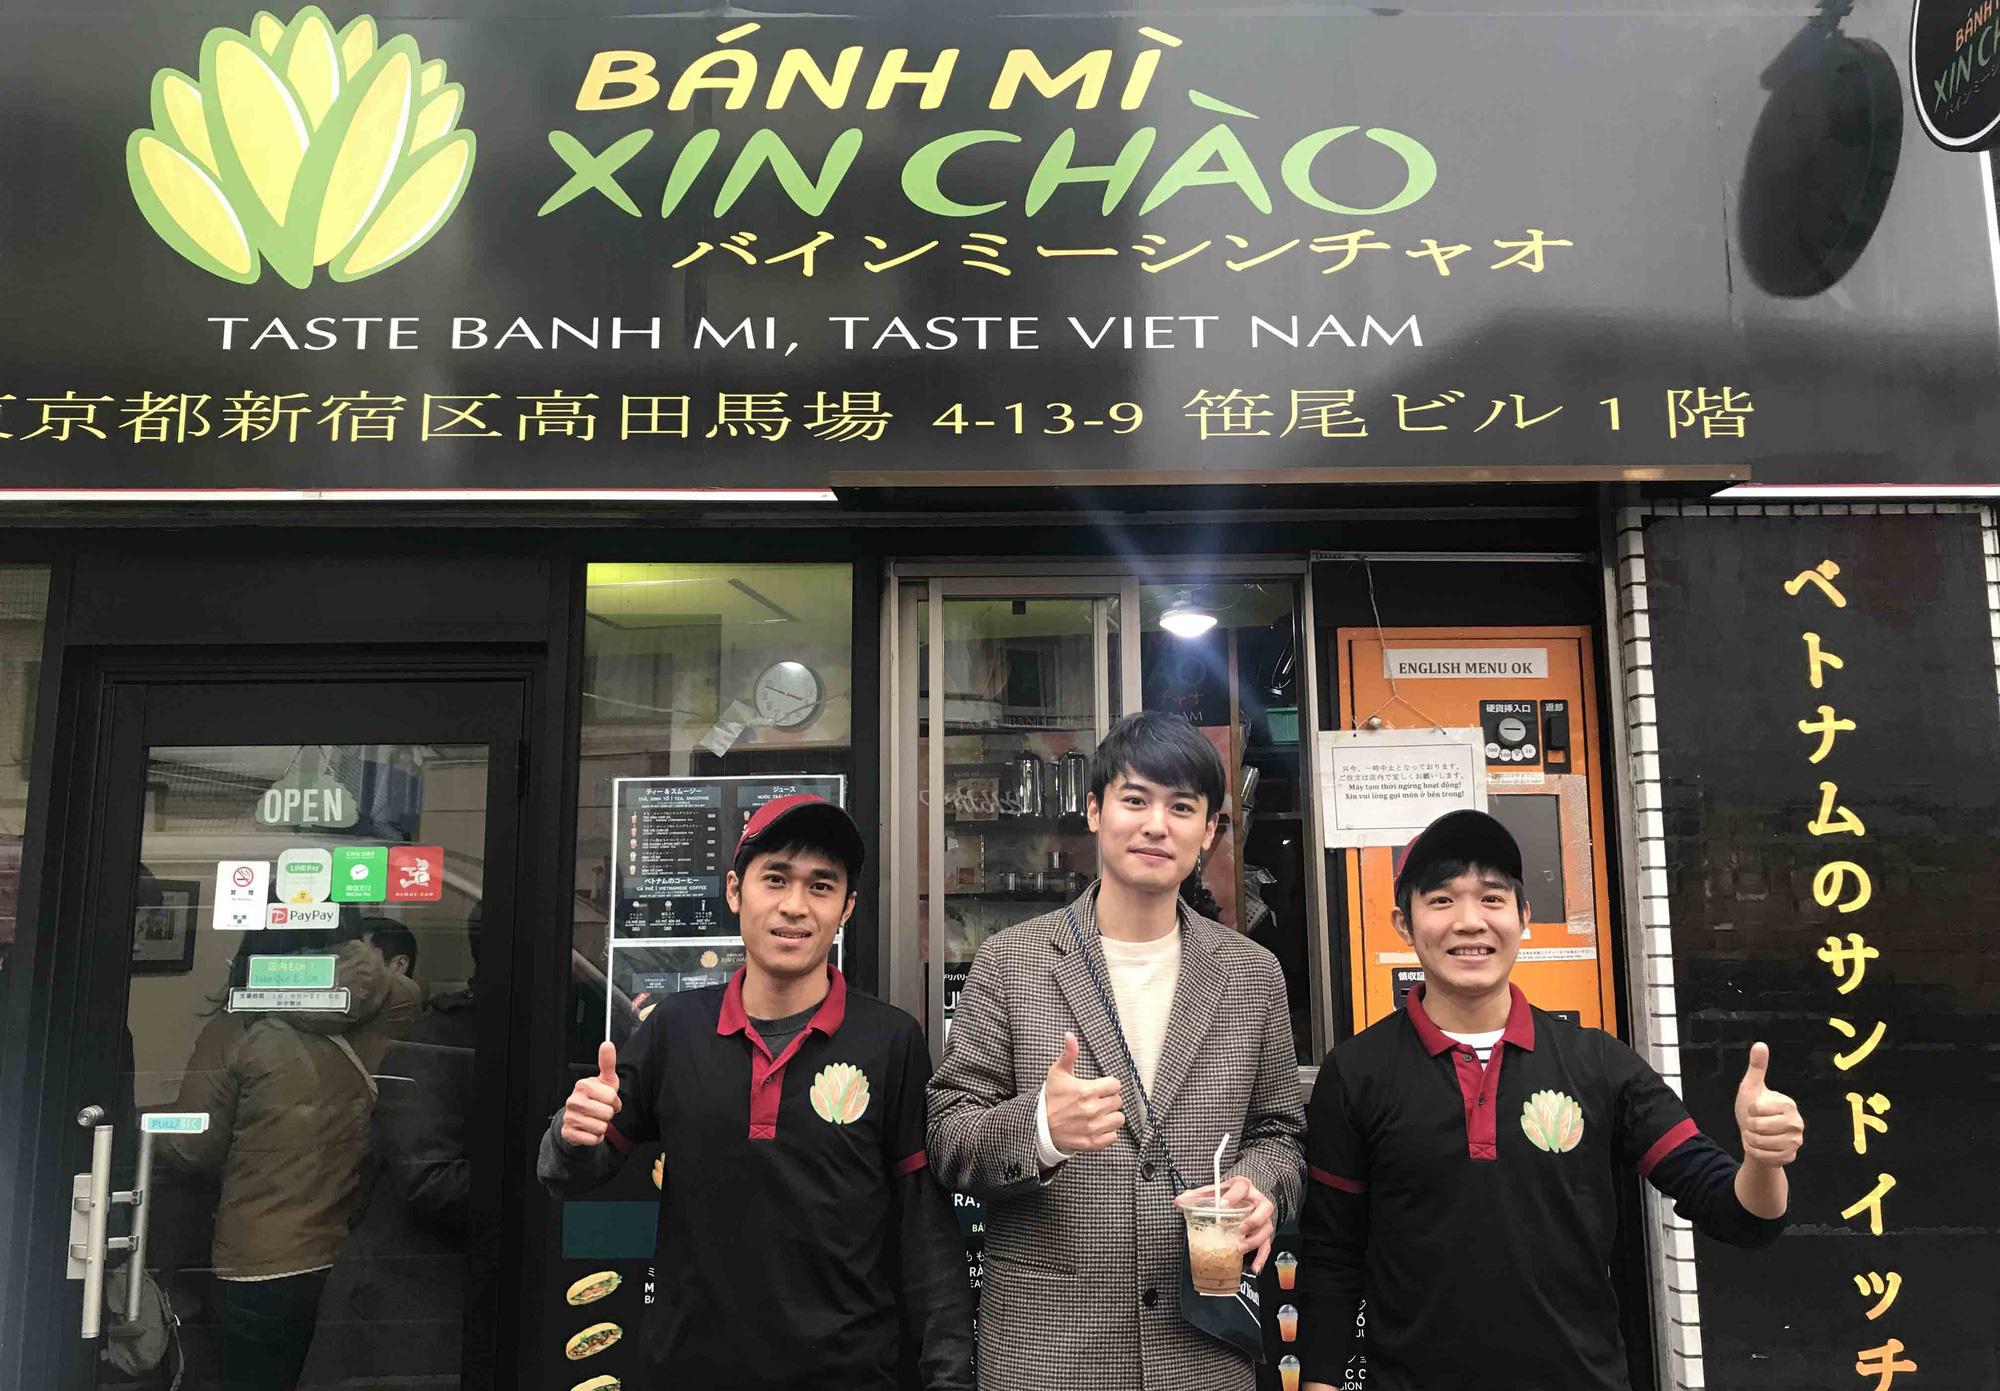 Tiệm bánh mì Việt Nam của hai anh em du học sinh trên tại Nhật Bản, giá đến hơn trăm nghìn/ổ vẫn đông nghịt khách đến - Ảnh 1.